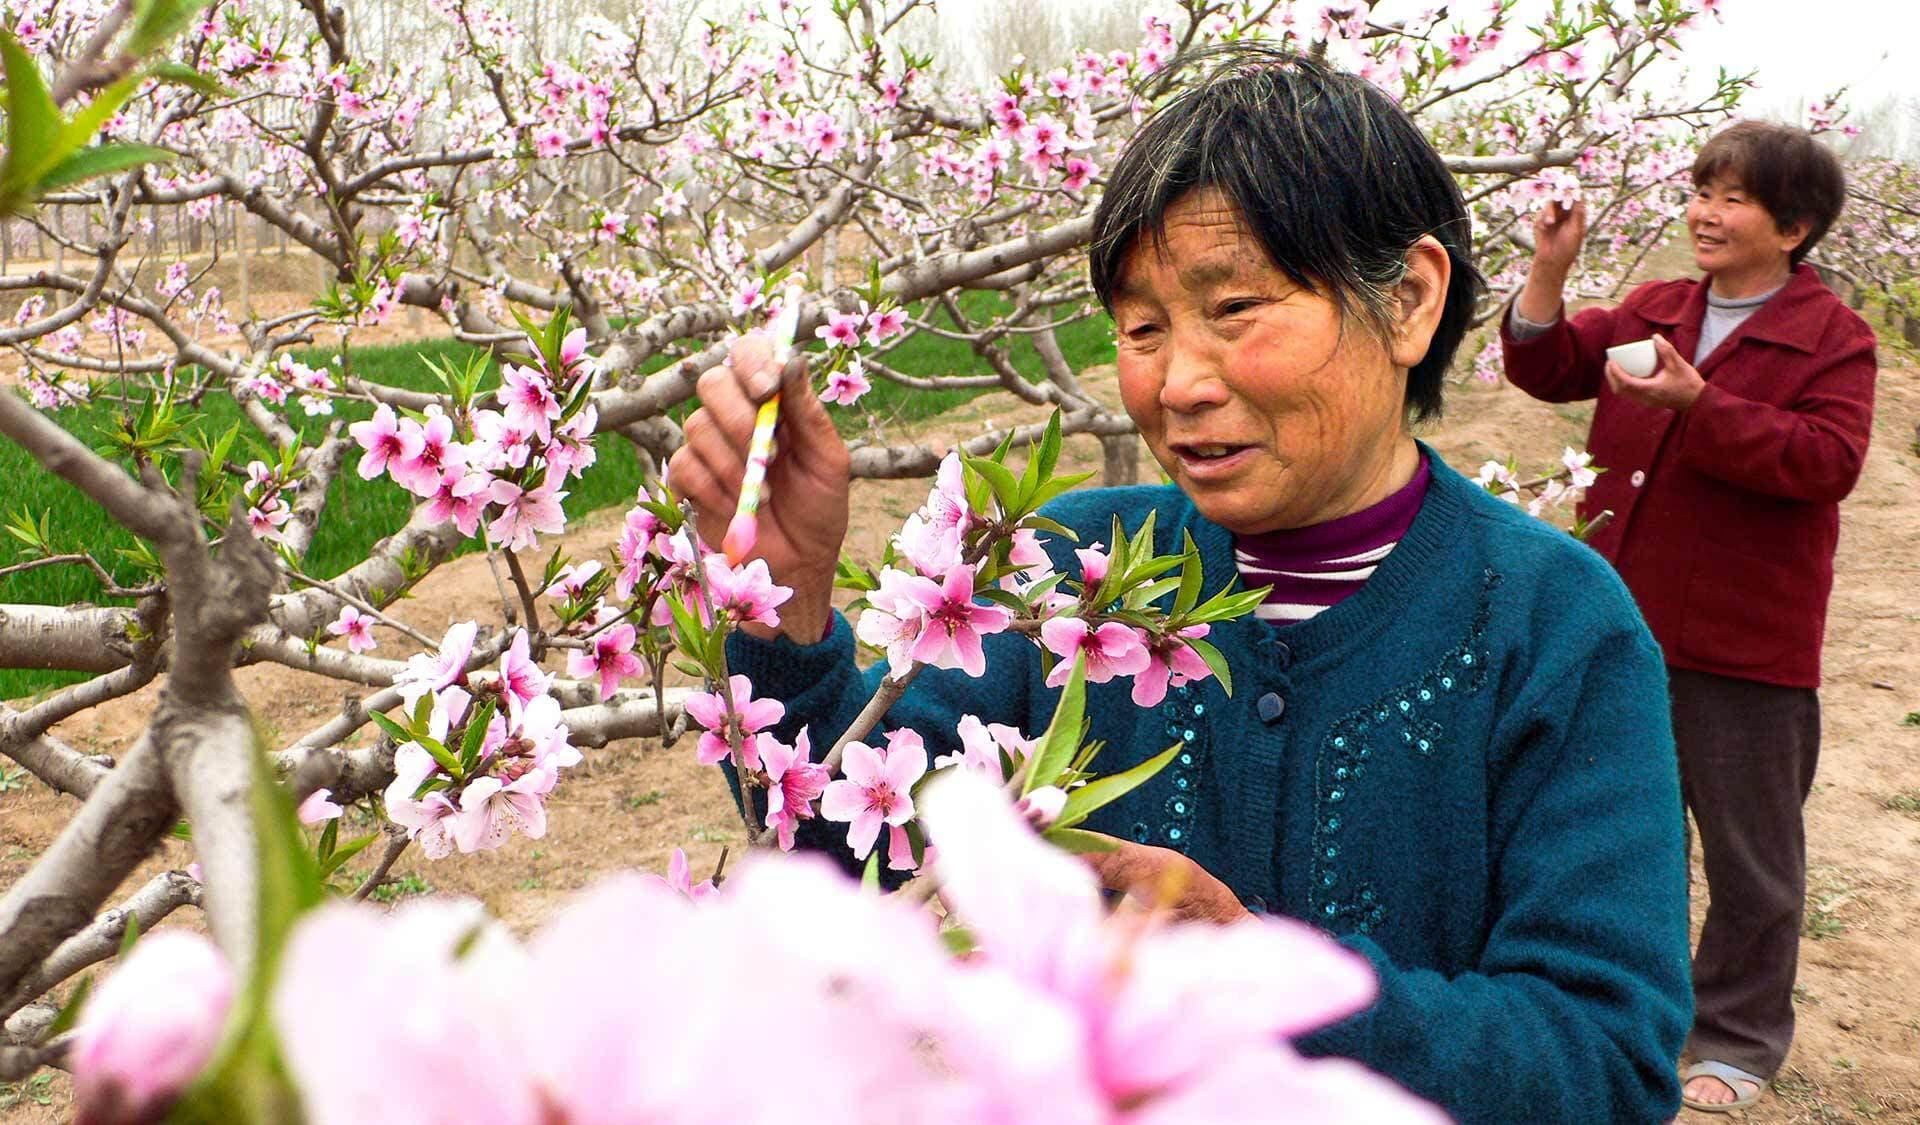 Eine Frau in China bestäubt rosa Blüten mittels einer Federwedel mit der Hand